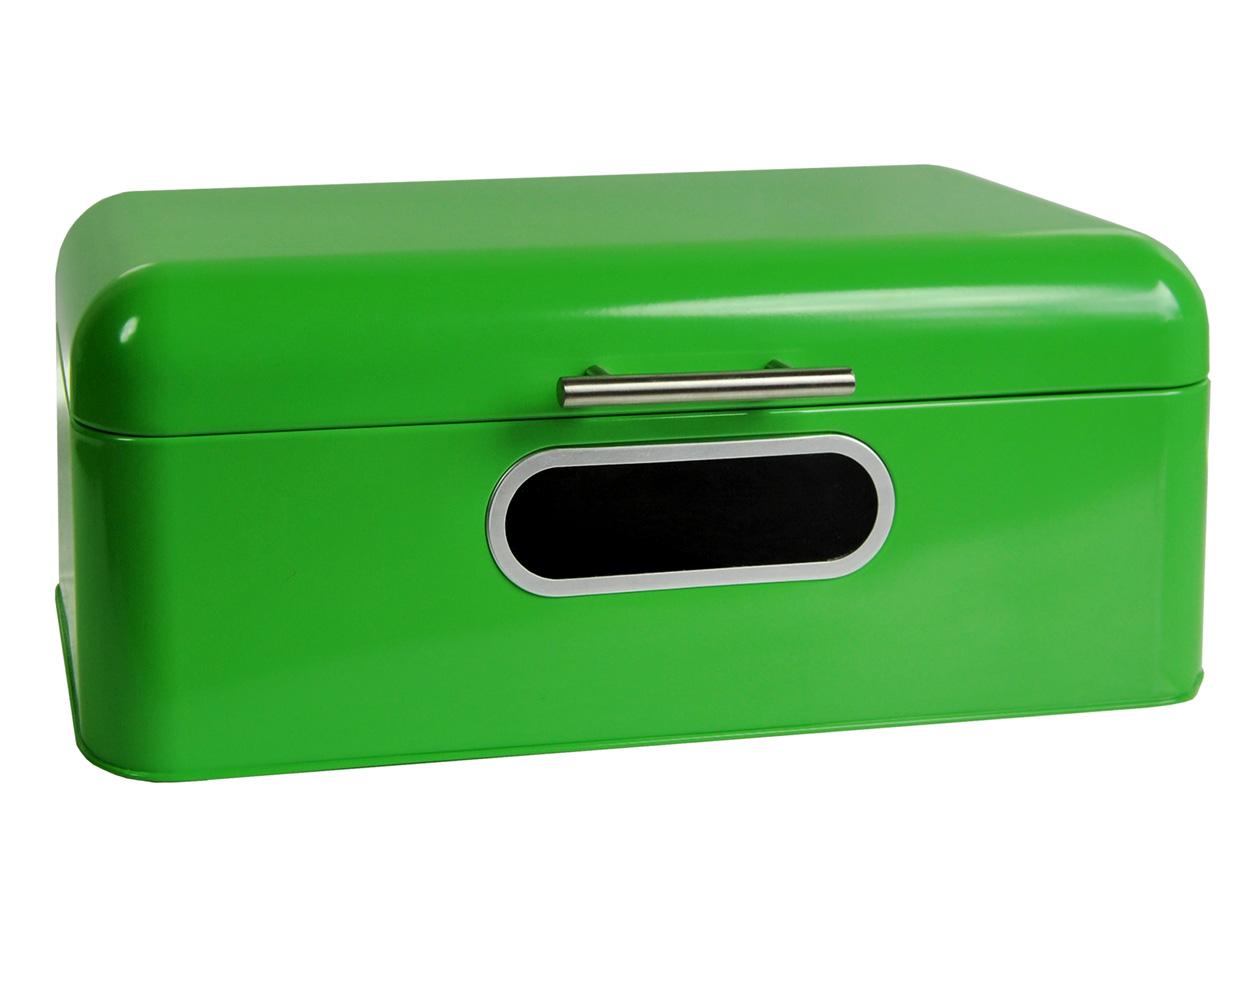 brotbox mit fenster gr n brotkasten brotdose. Black Bedroom Furniture Sets. Home Design Ideas